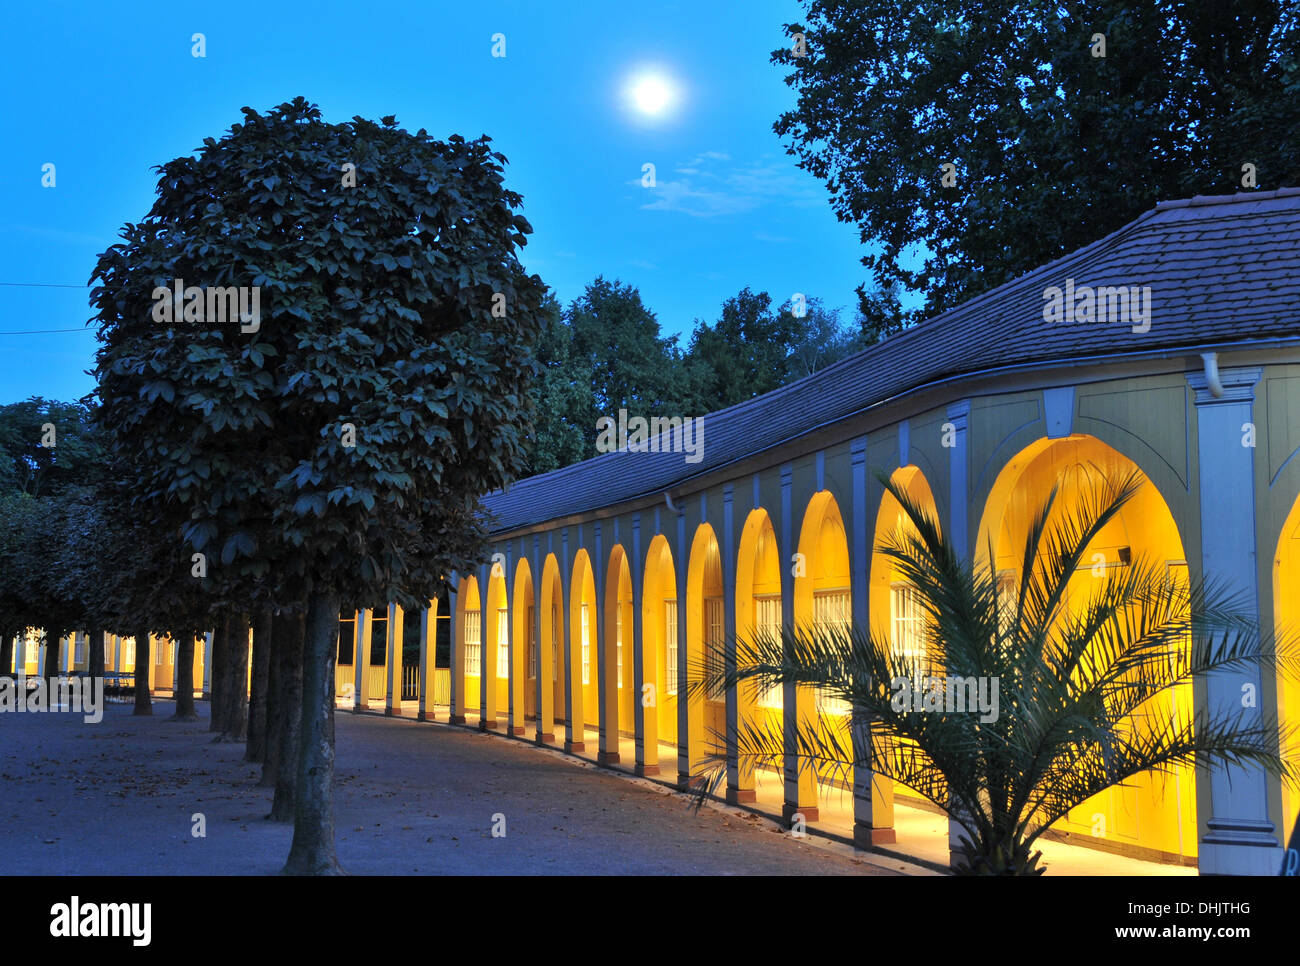 Arcades éclairé à la nuit, le Kurpark Bad Lauchstaedt, Saxe-Anhalt, Allemagne, Europe Banque D'Images